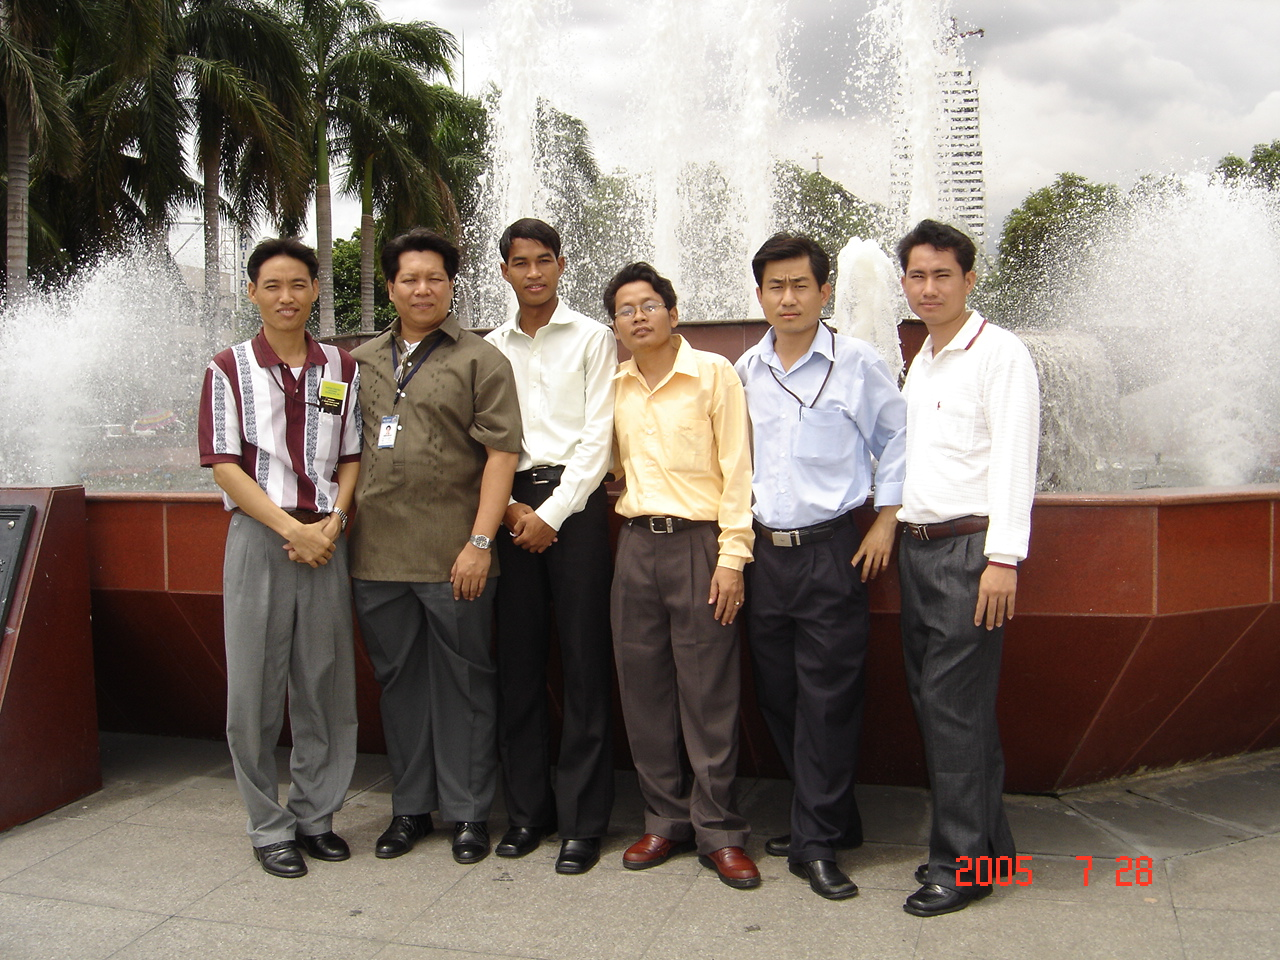 DSC01031, Sony DSC-P93A